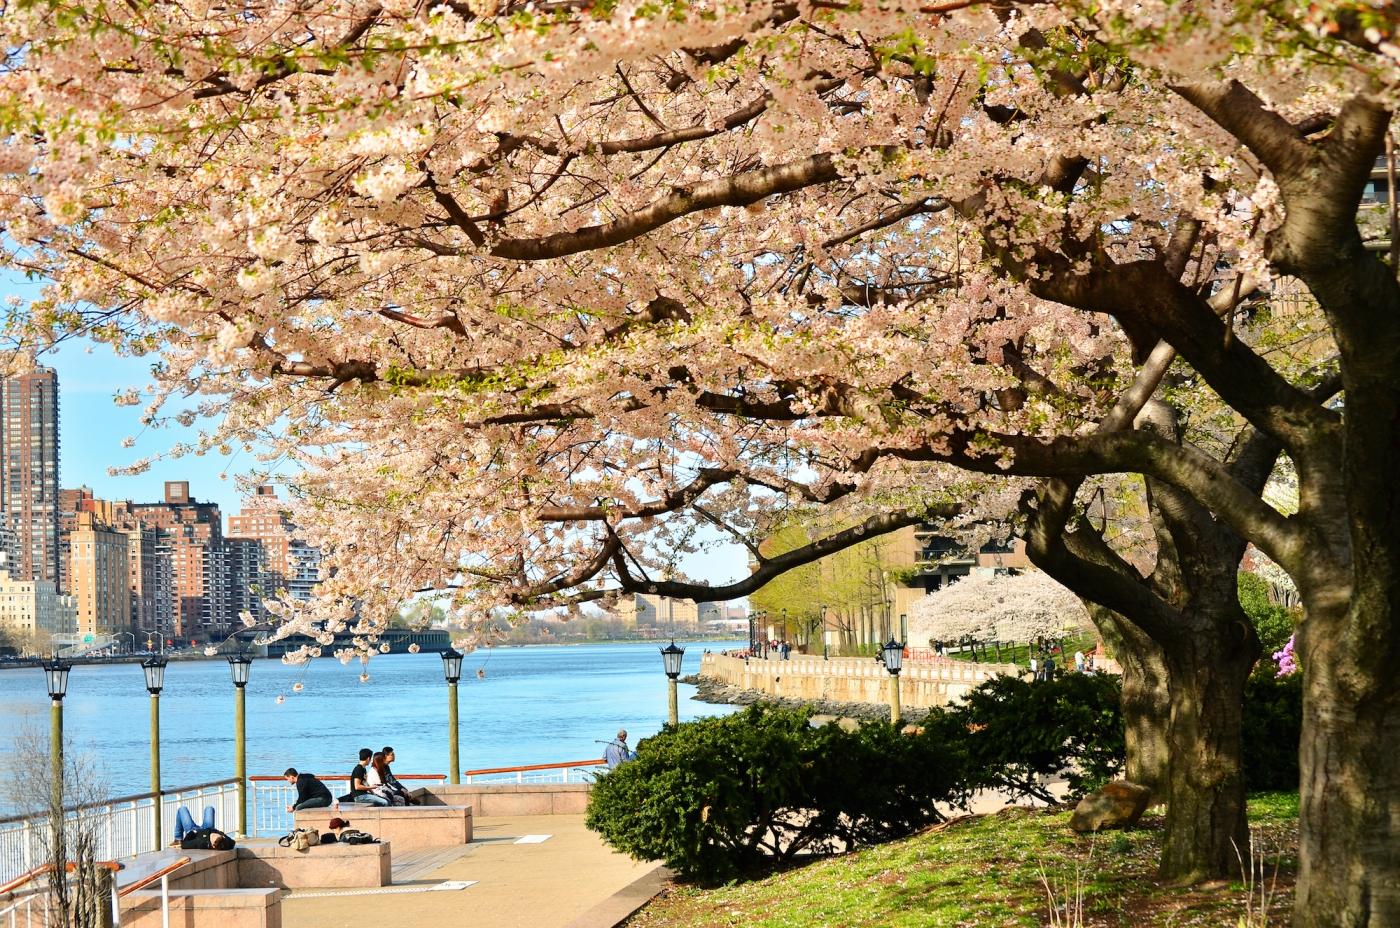 春光甚好 罗岛樱花已然盛放_图1-4